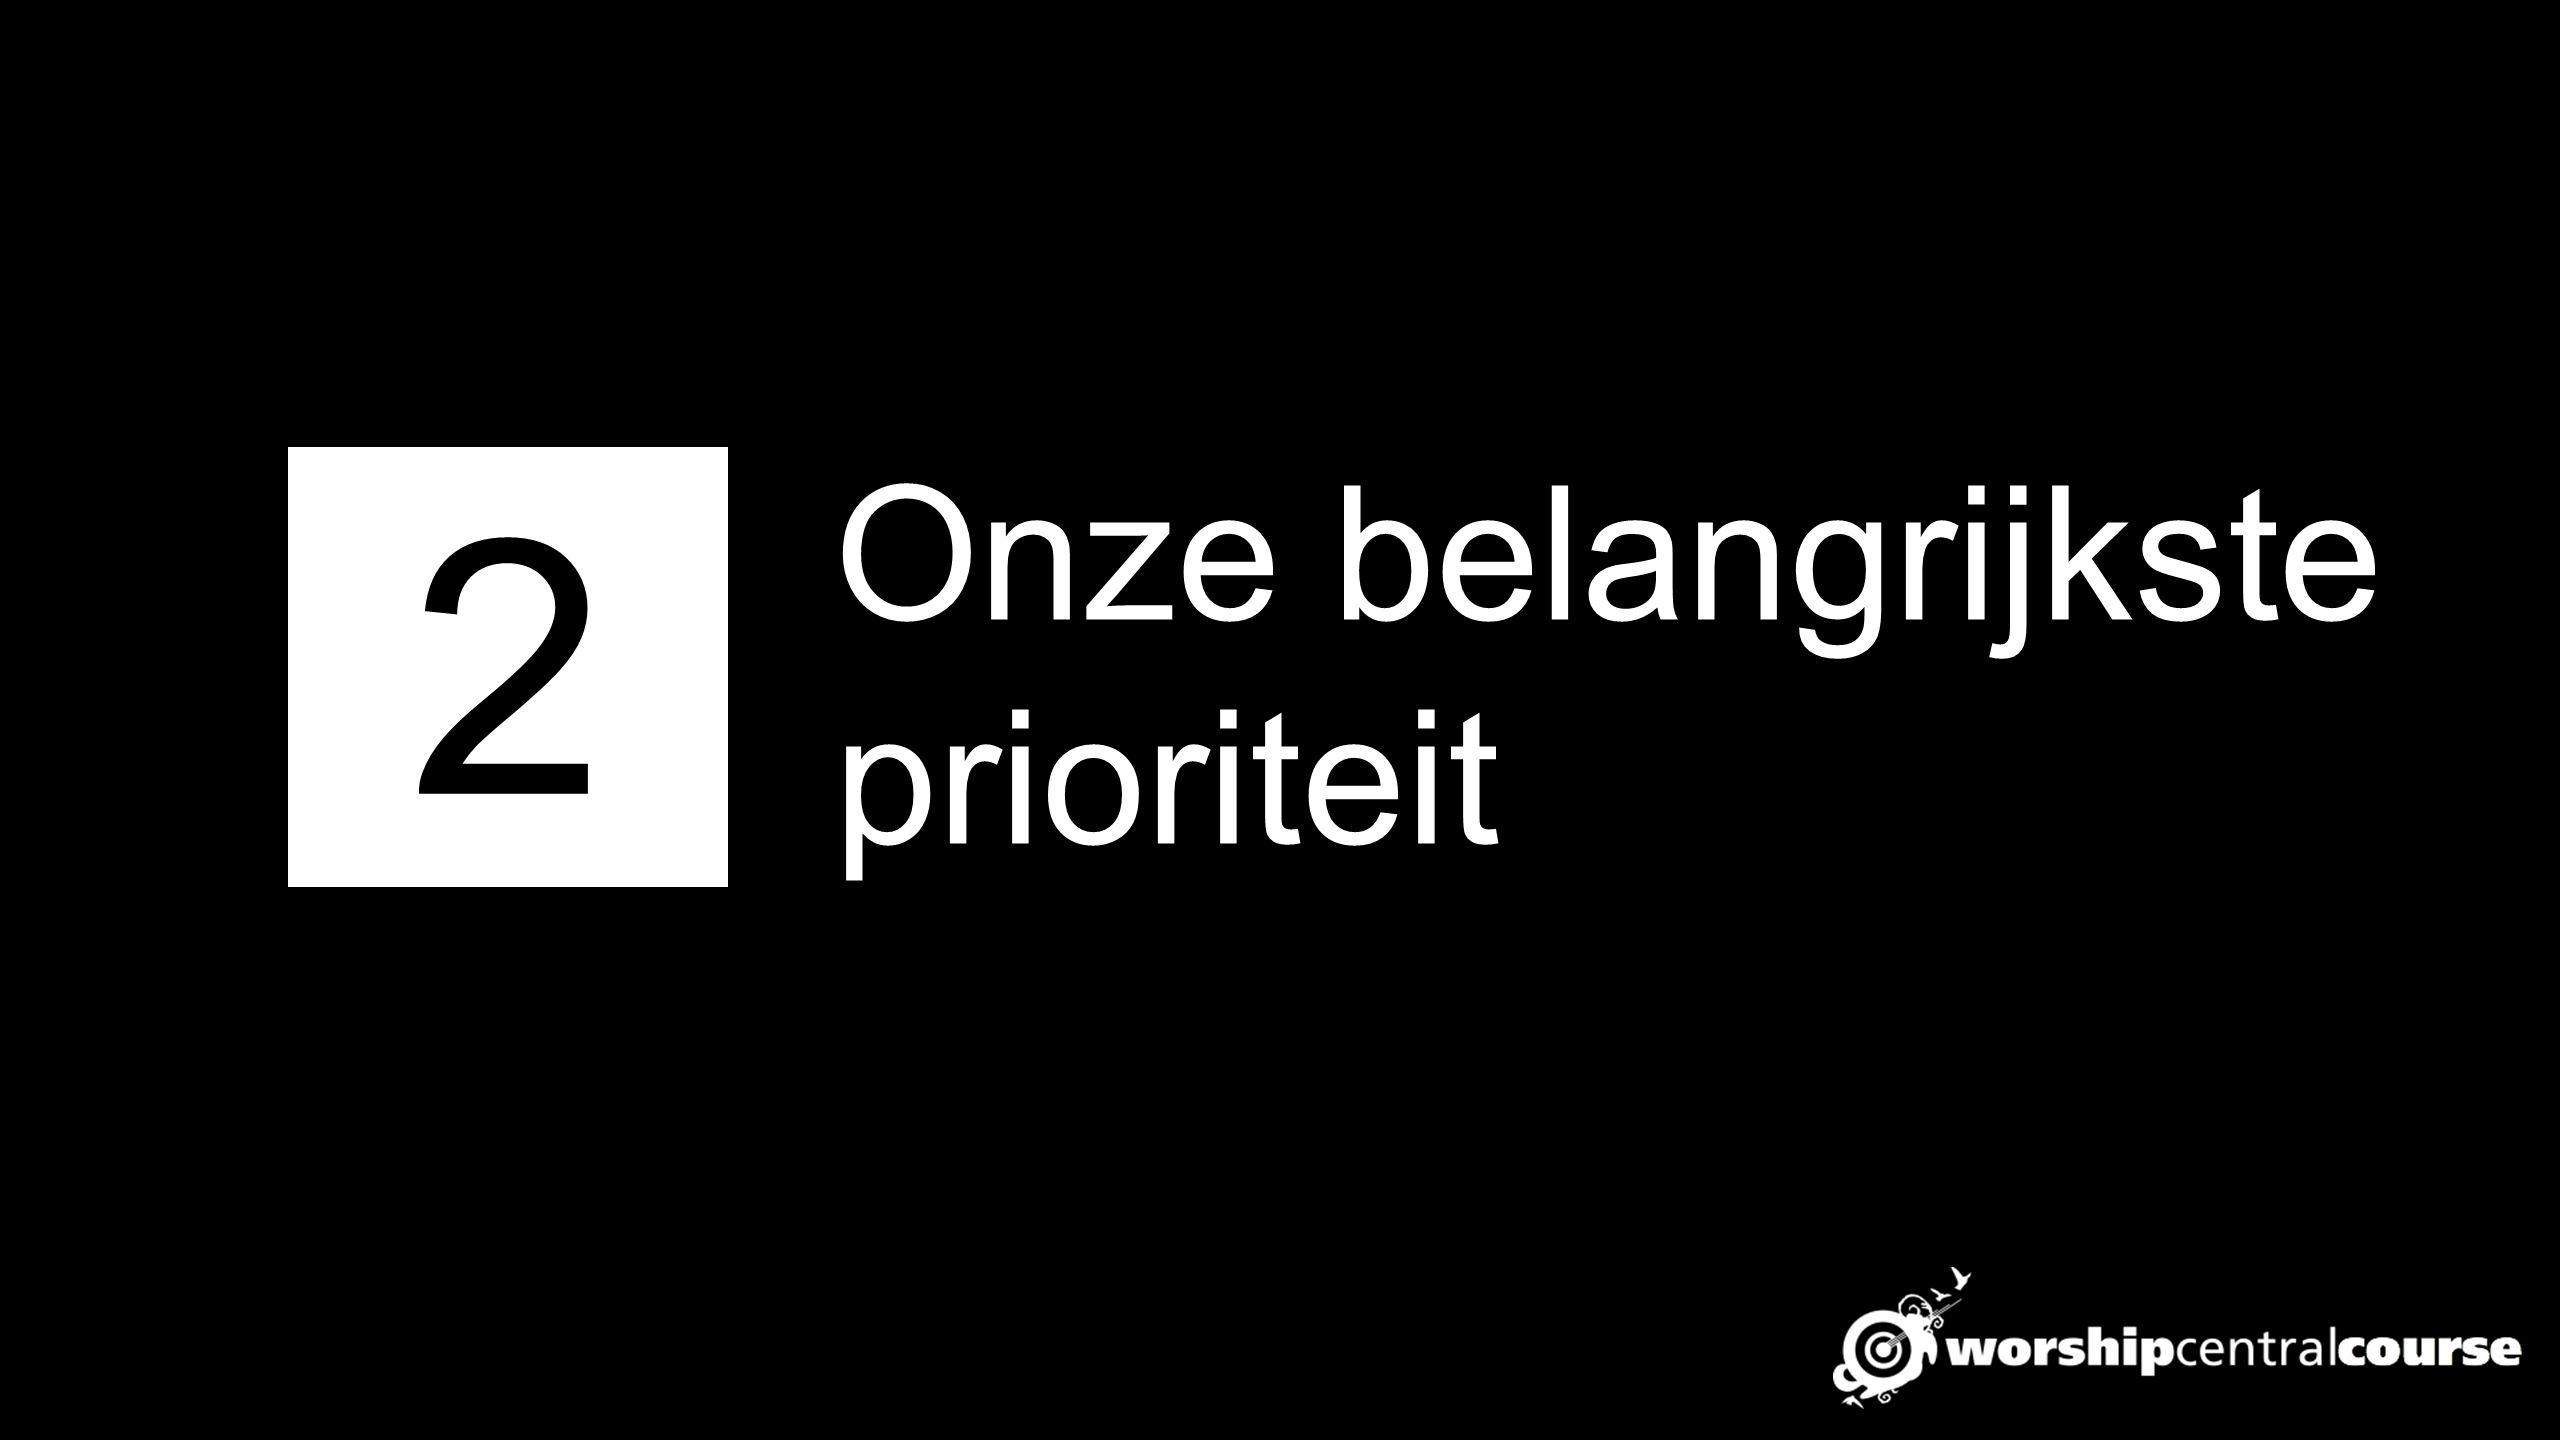 2 Onze belangrijkste prioriteit